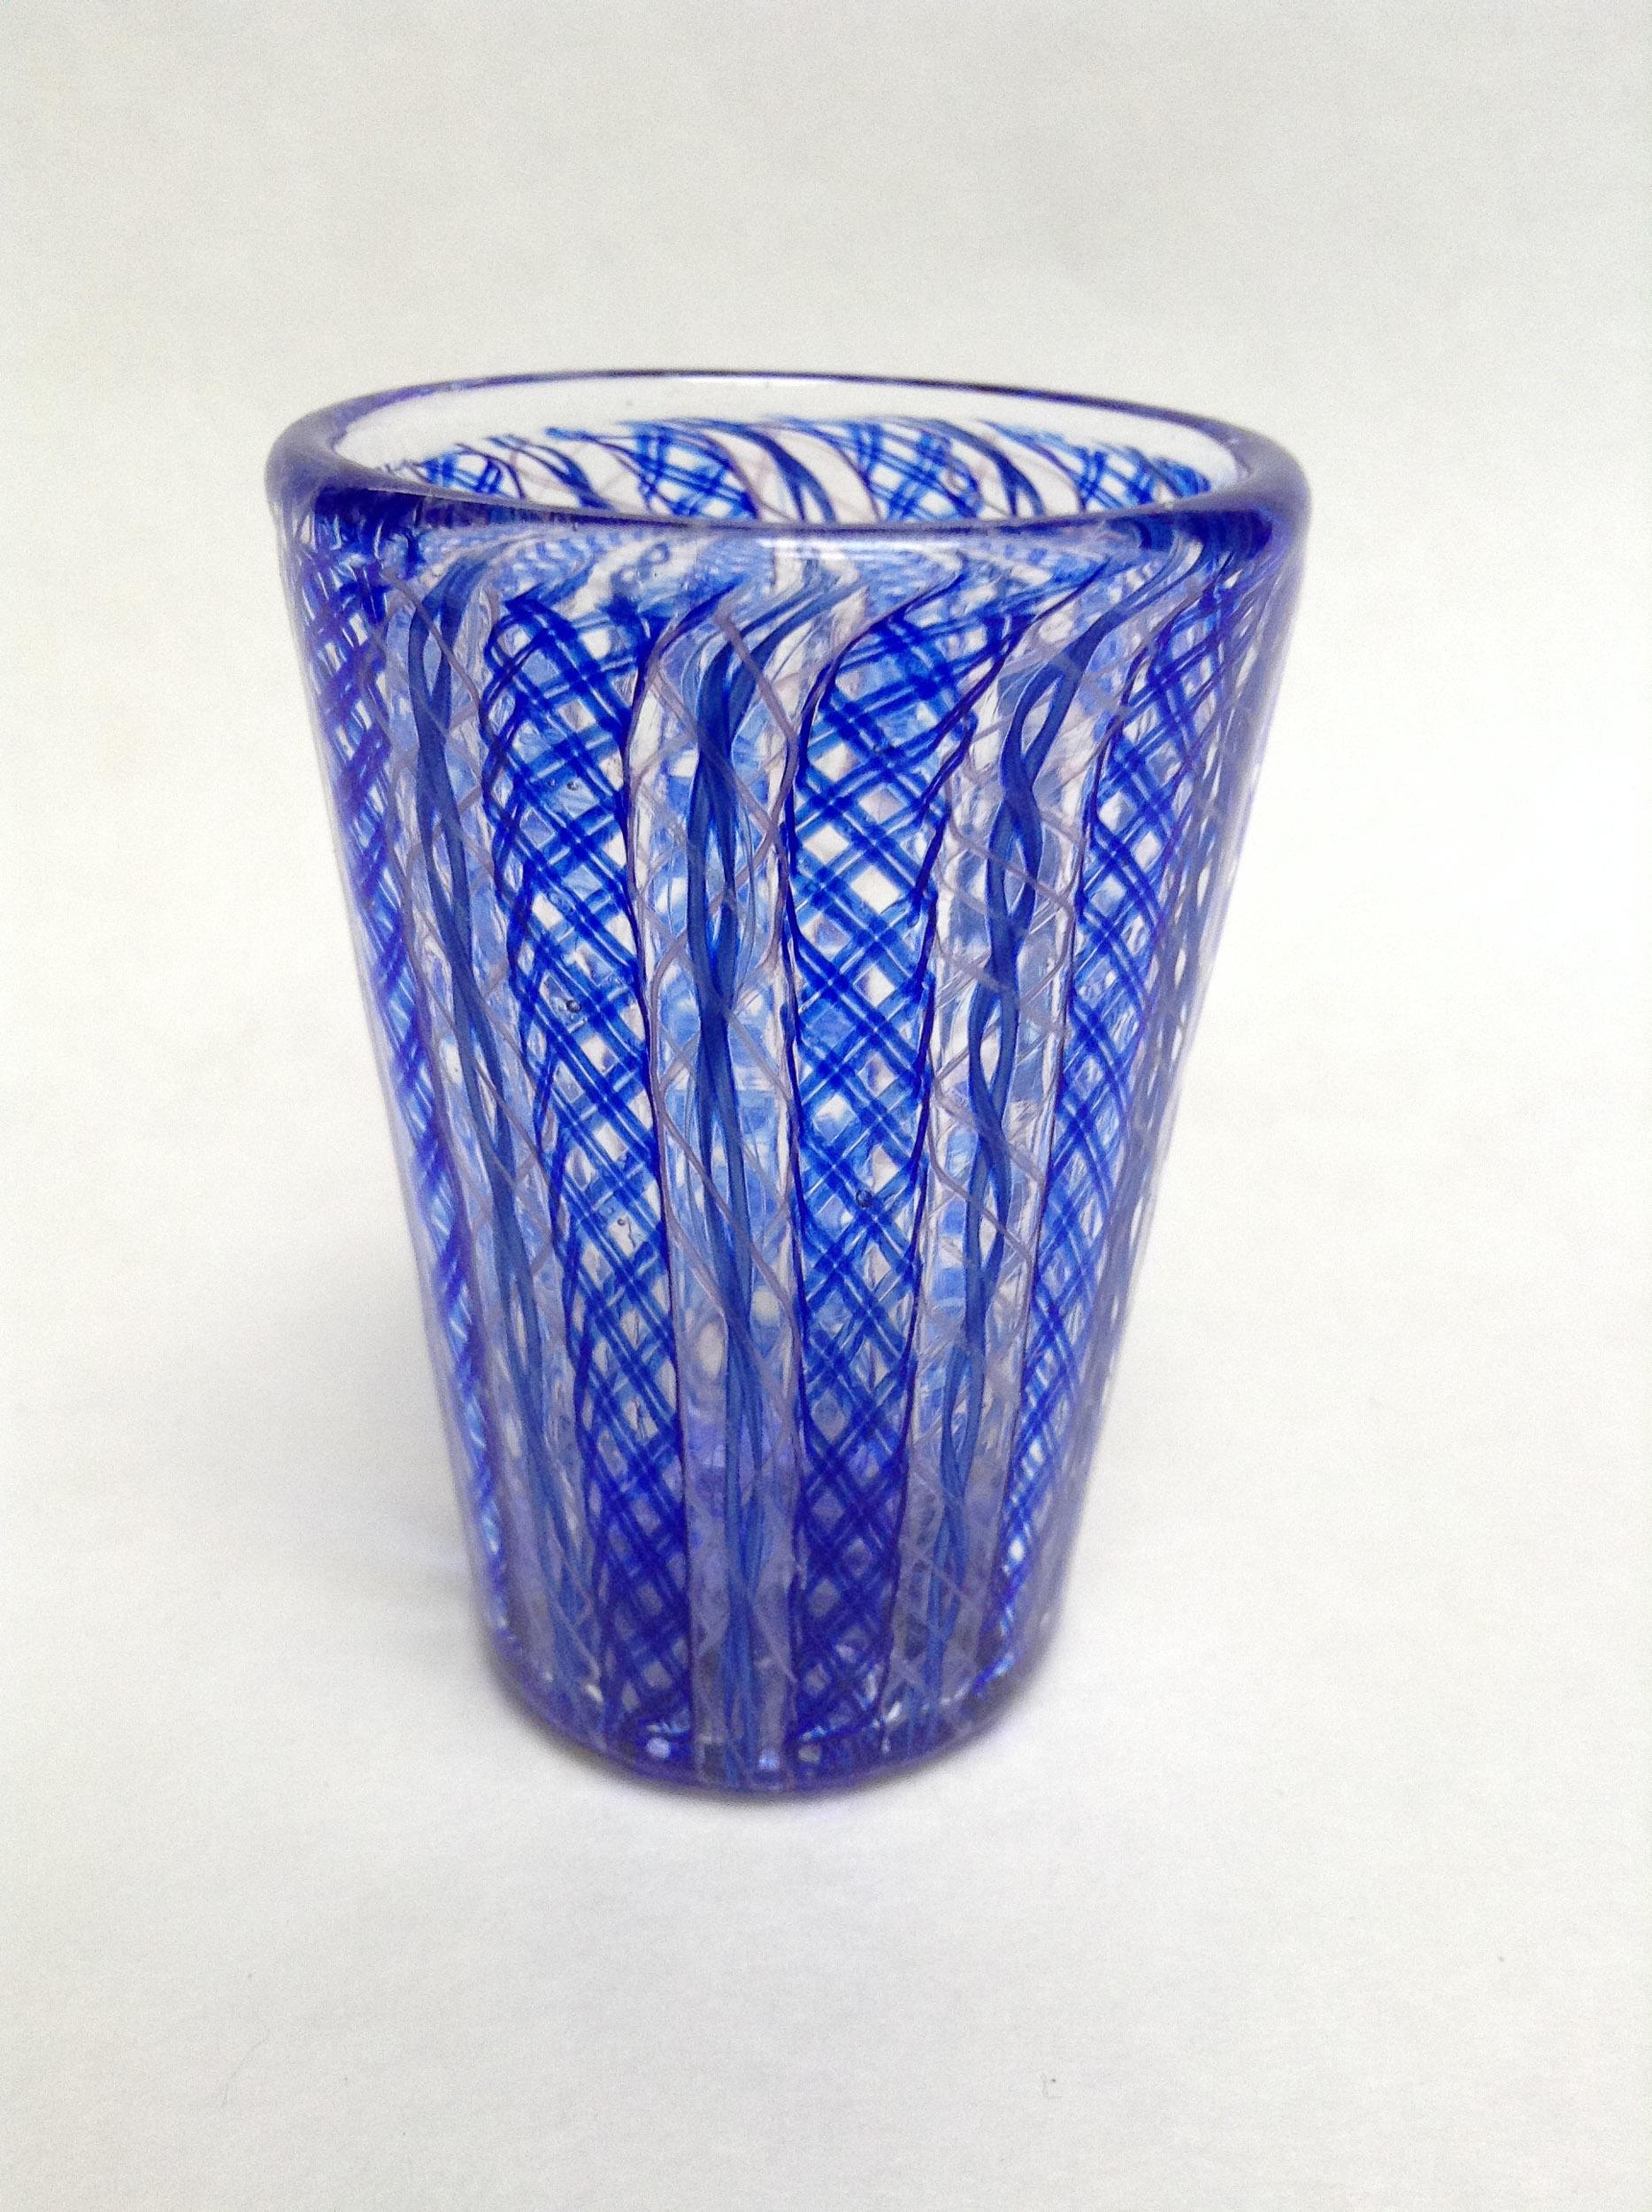 Olive-Glass_Italian-Art-Glass_Corrie-Haight_Lark-Dalton-20161120-5.jpg